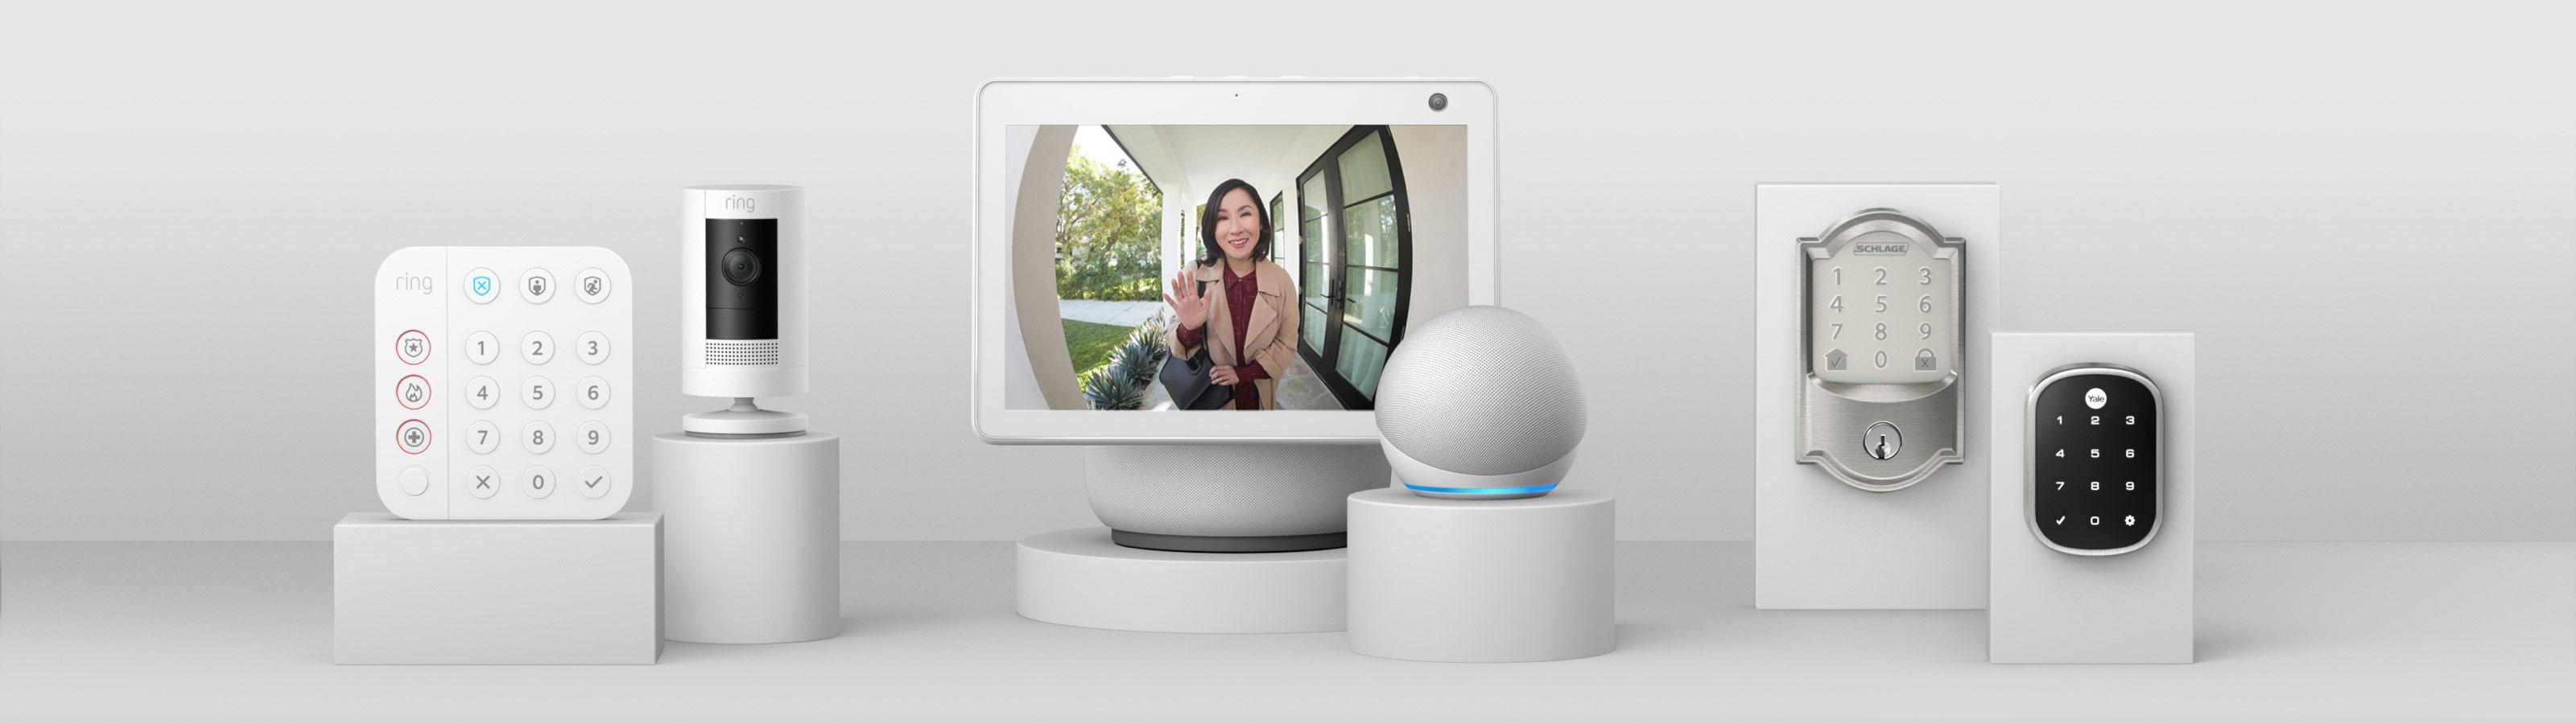 Works with Ring Video Doorbells